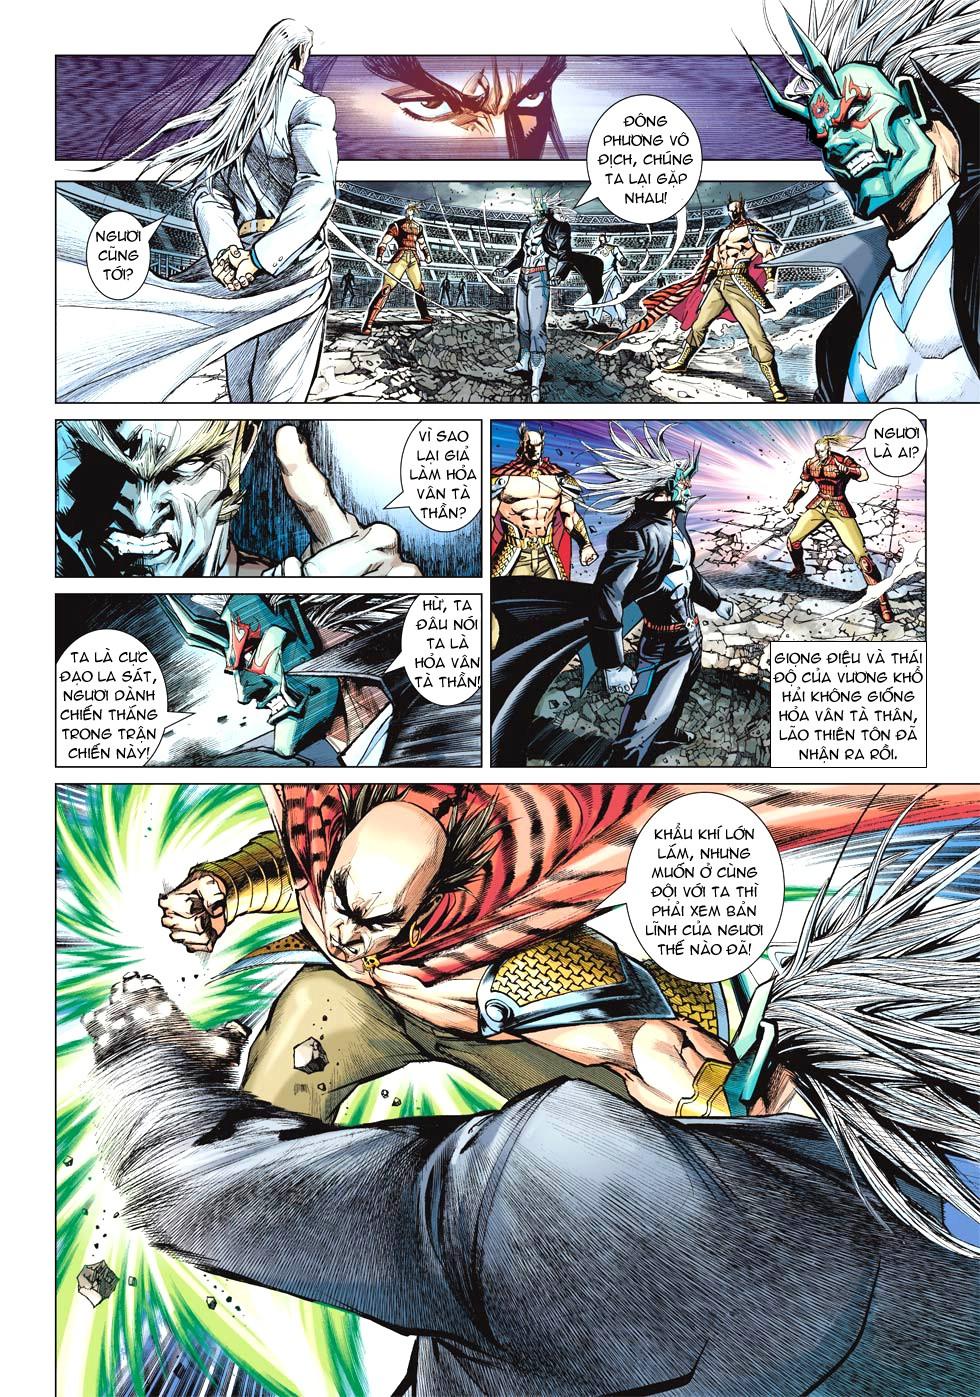 Vương Phong Lôi 1 chap 27 - Trang 18